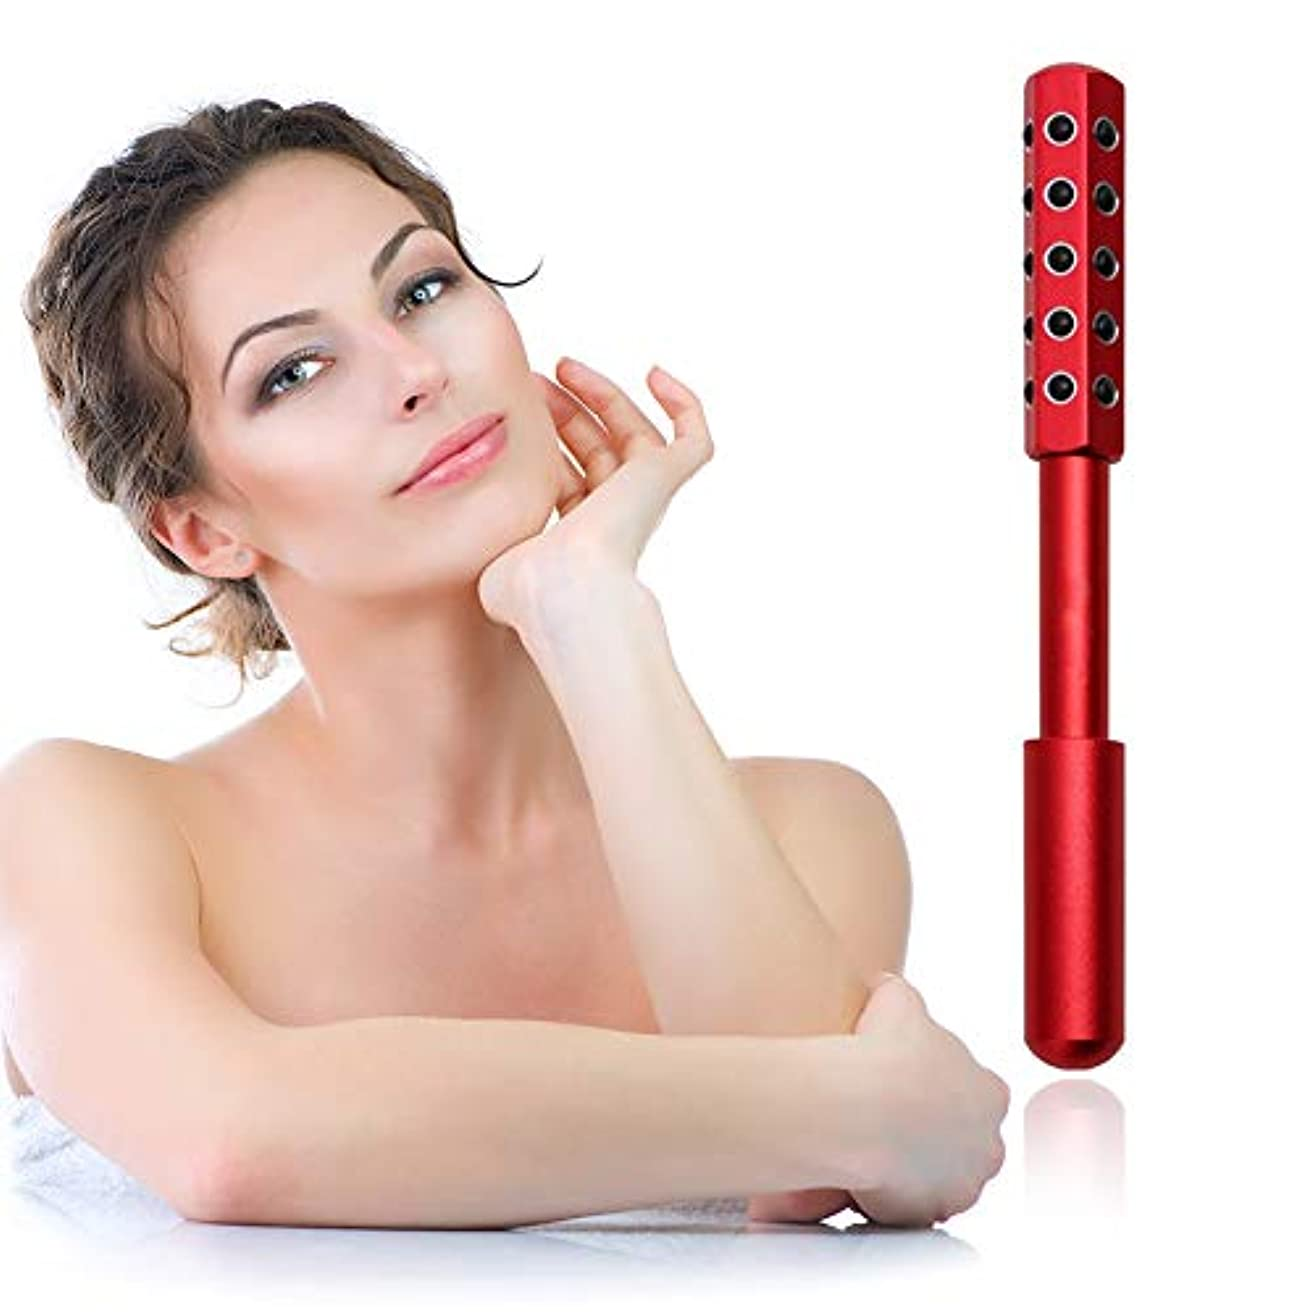 説明共産主義者挨拶顔と体のためのゲルマニウムマッサージ美容ローラーは、血液の循環を促進し、皮膚の引き締め、毒素、皮膚の抗しわをクリア